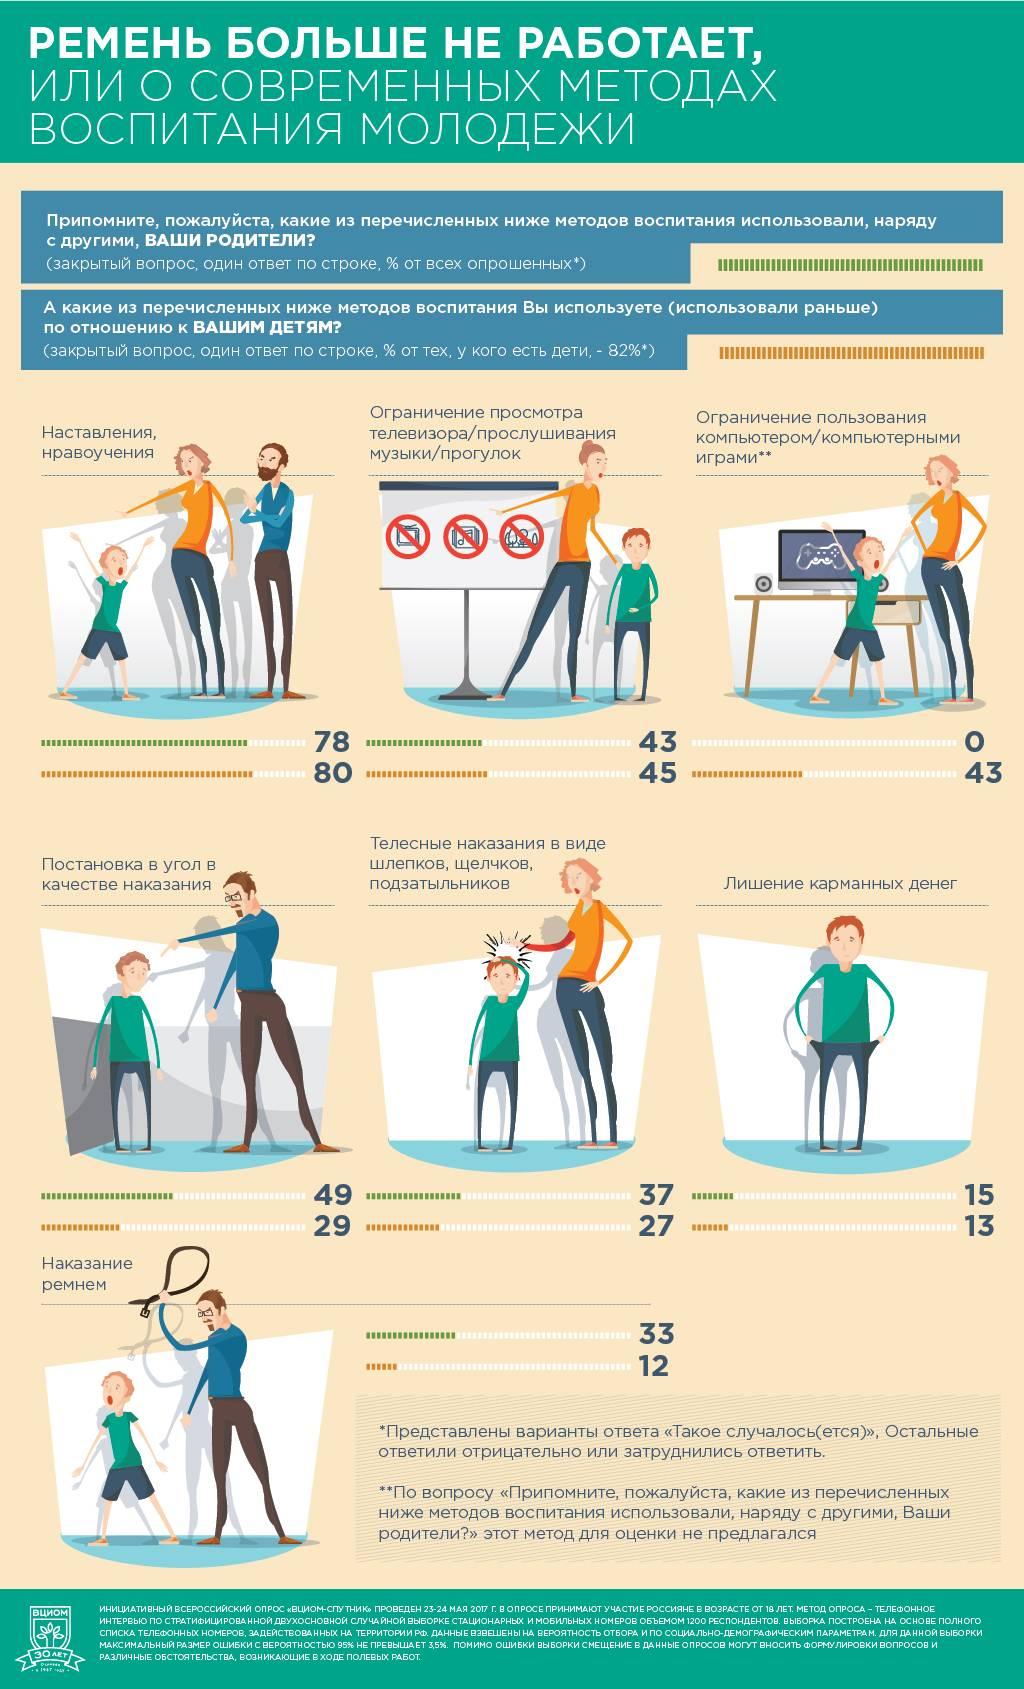 Методы воспитания ребенка дошкольного и школьного возраста